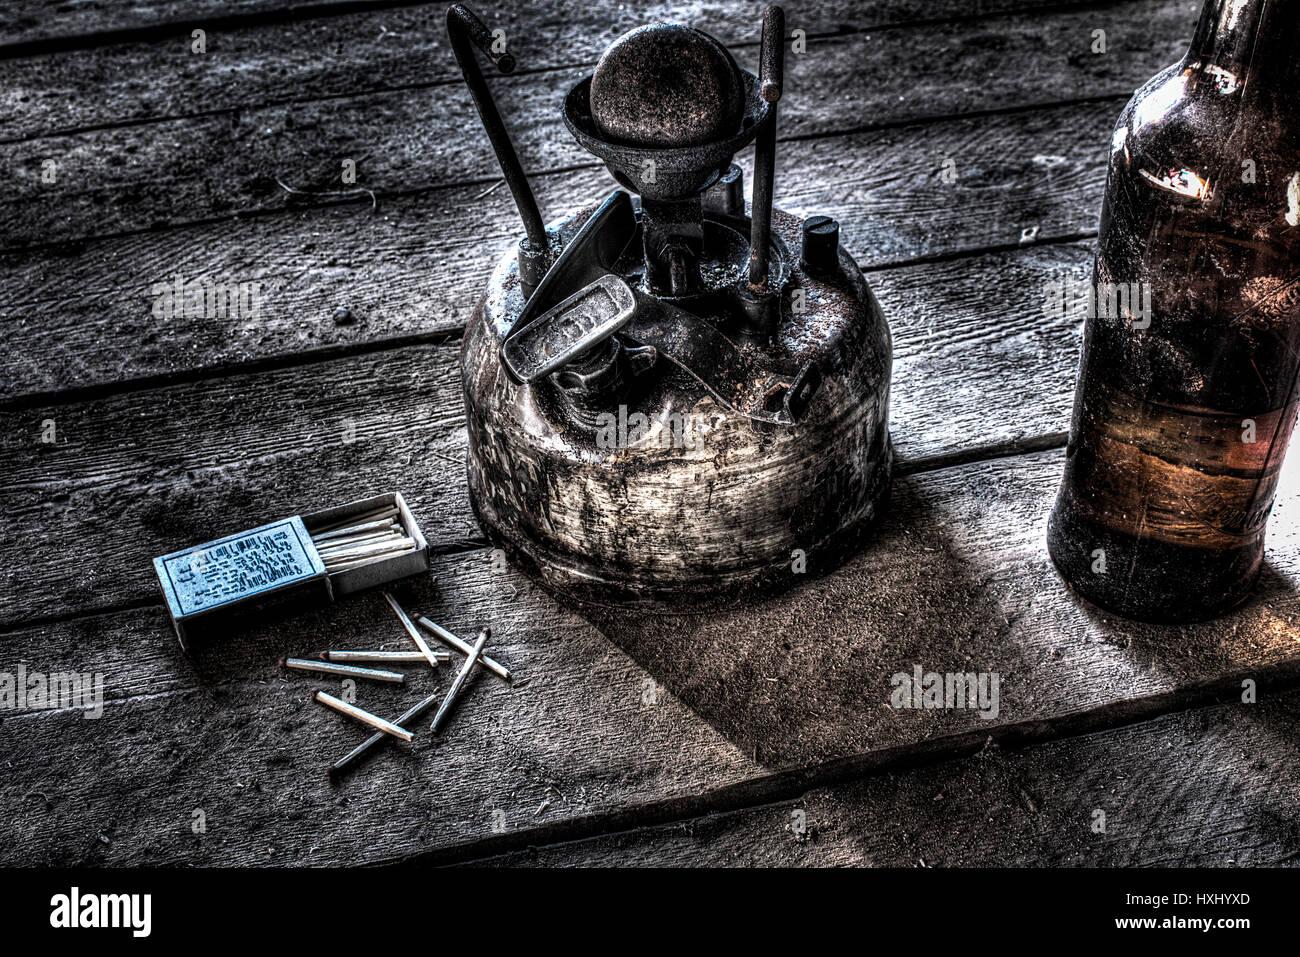 Old antique kerosene burner isolated on a white background - Stock Image